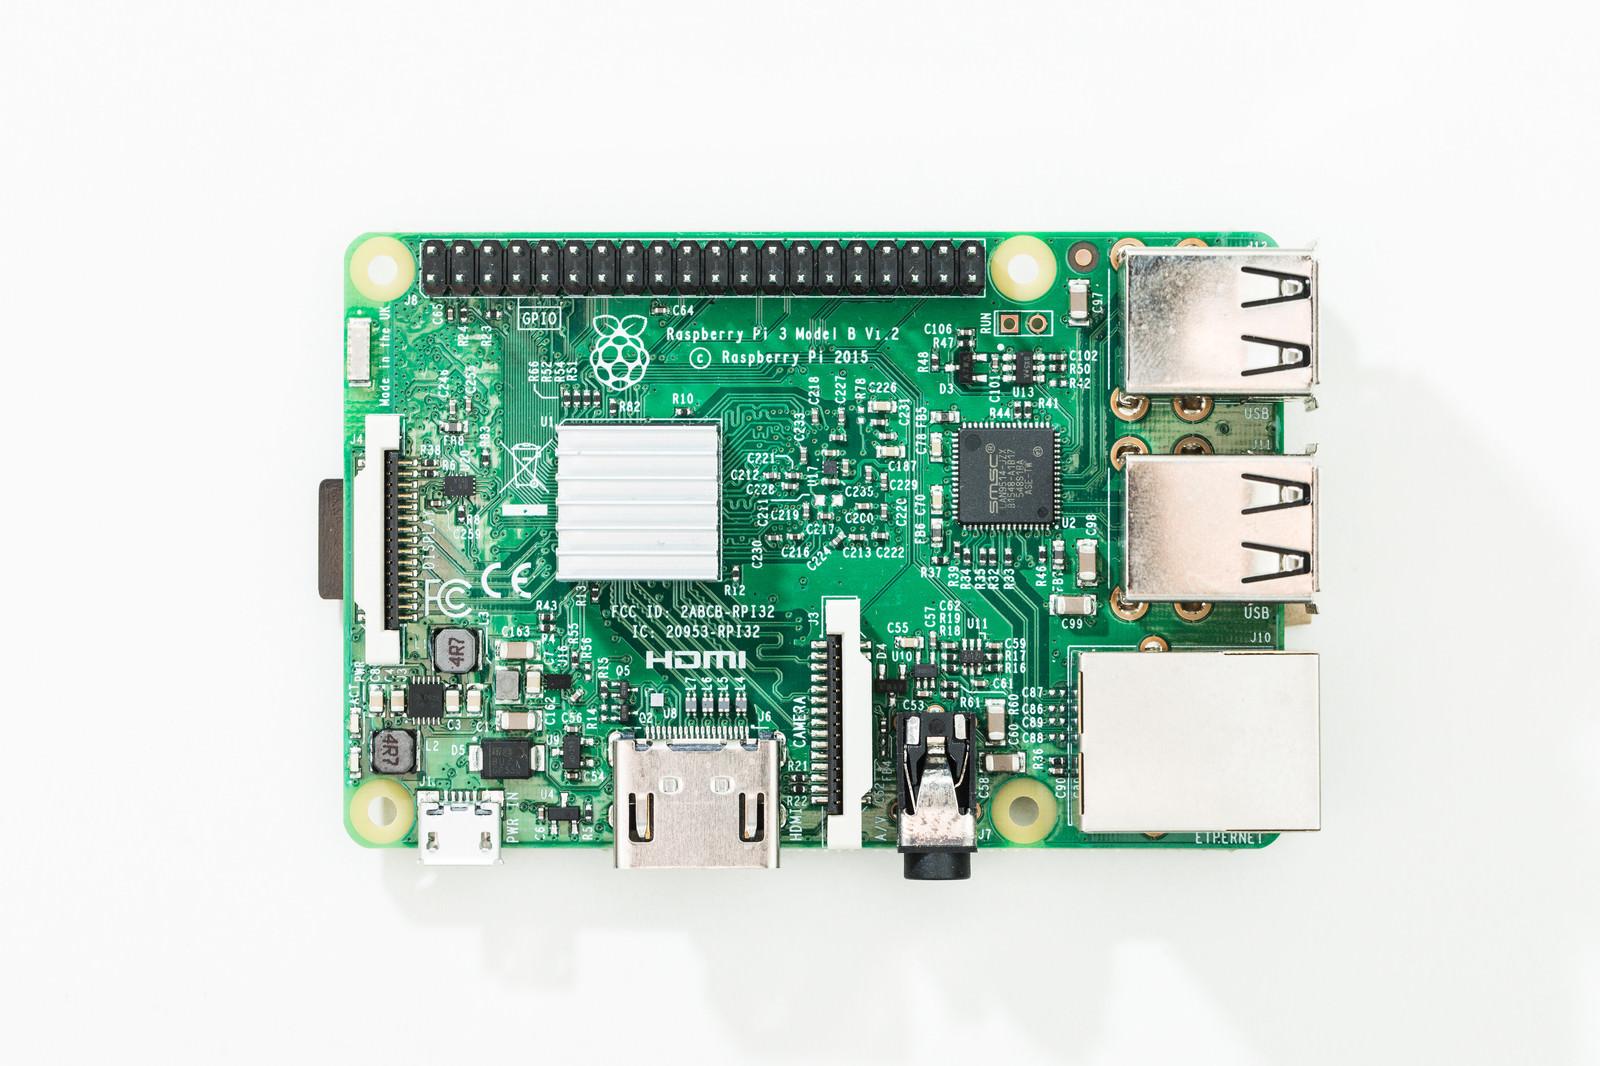 「IoT開発に役立つ小型コンピューター」の写真